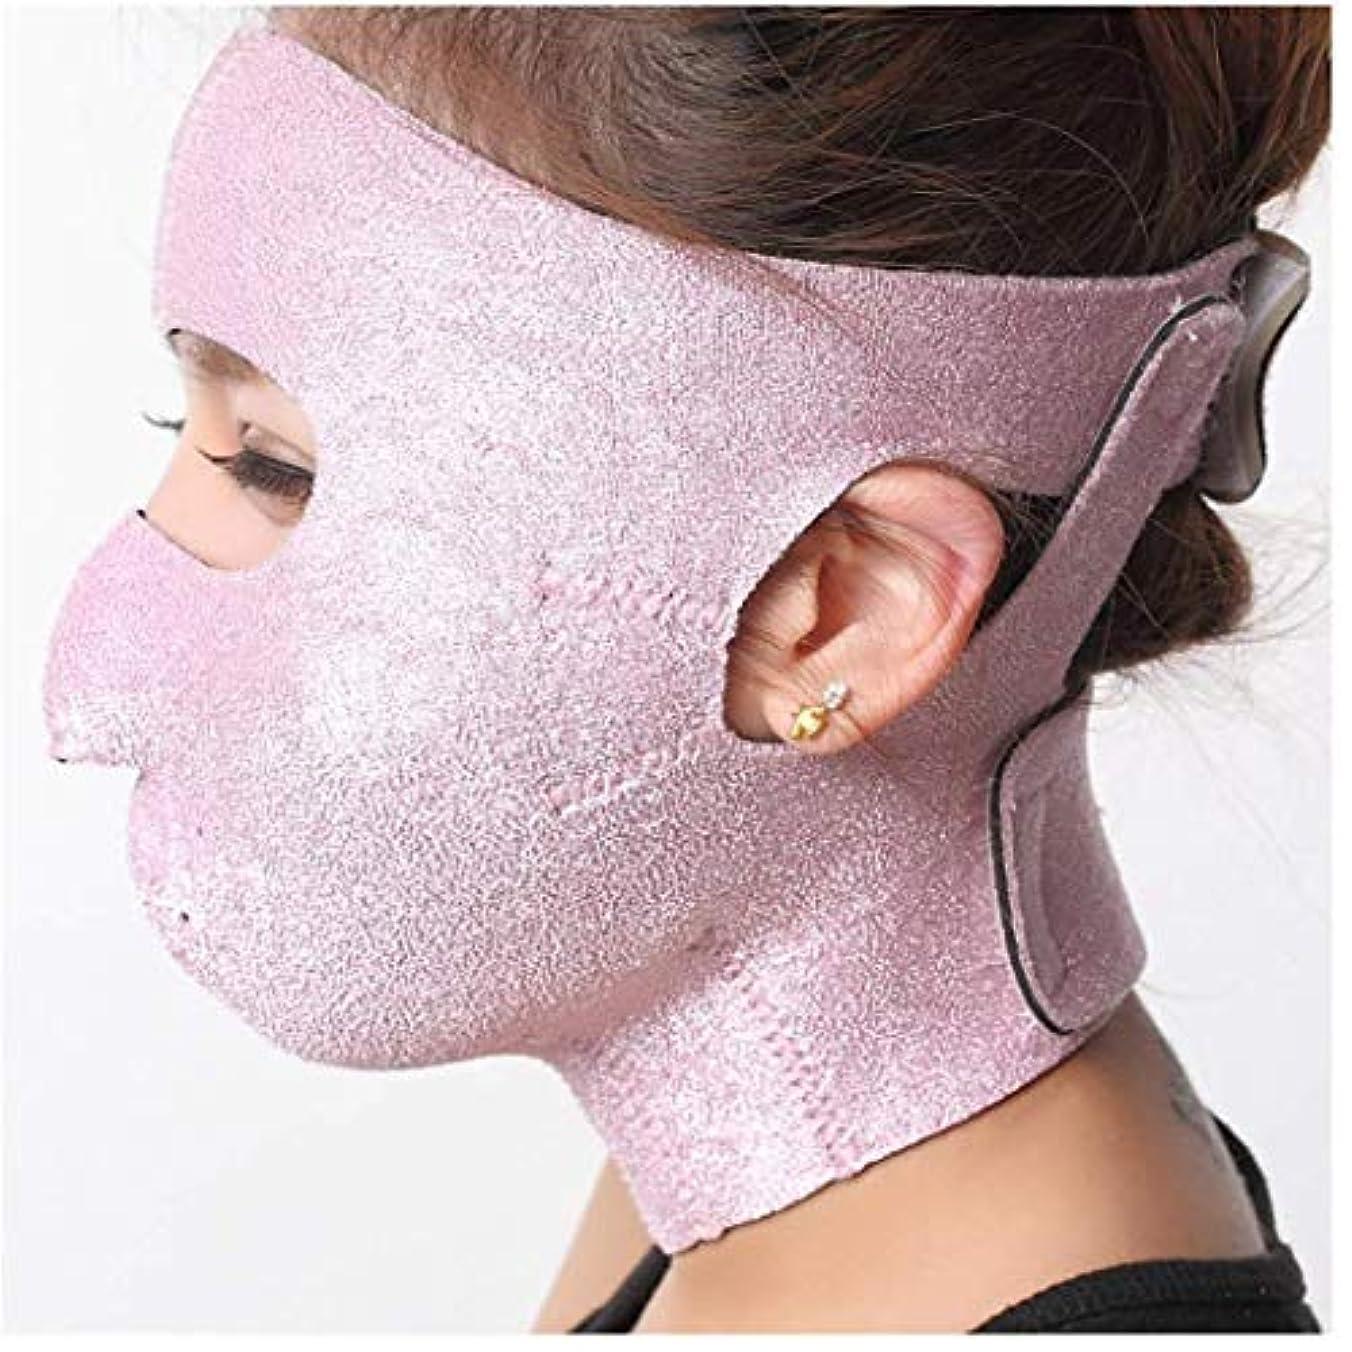 不透明な普通の閉じる美容と実用的な引き締めフェイスマスク、小さなV顔アーティファクト睡眠薄い顔包帯マスクリフティングマスク引き締めクリーム顔リフトフェイスメロン顔楽器